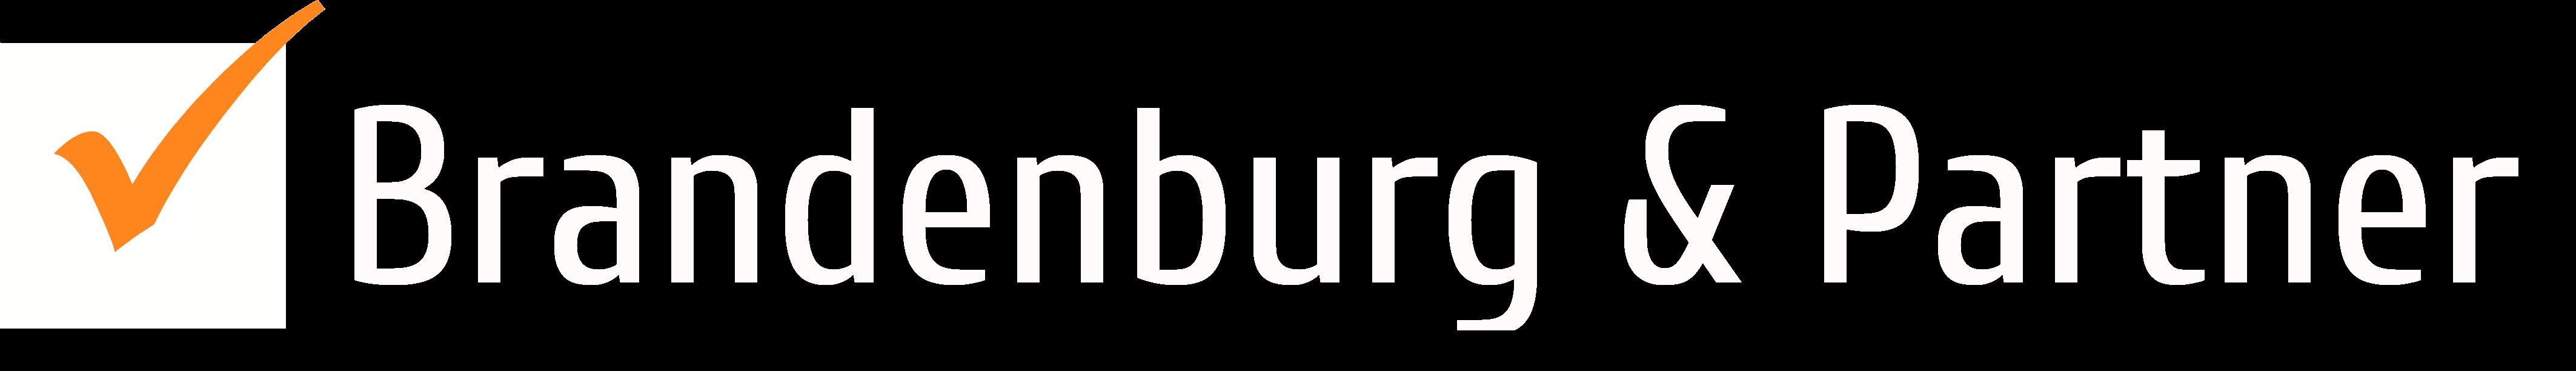 Brandenburg & Partner